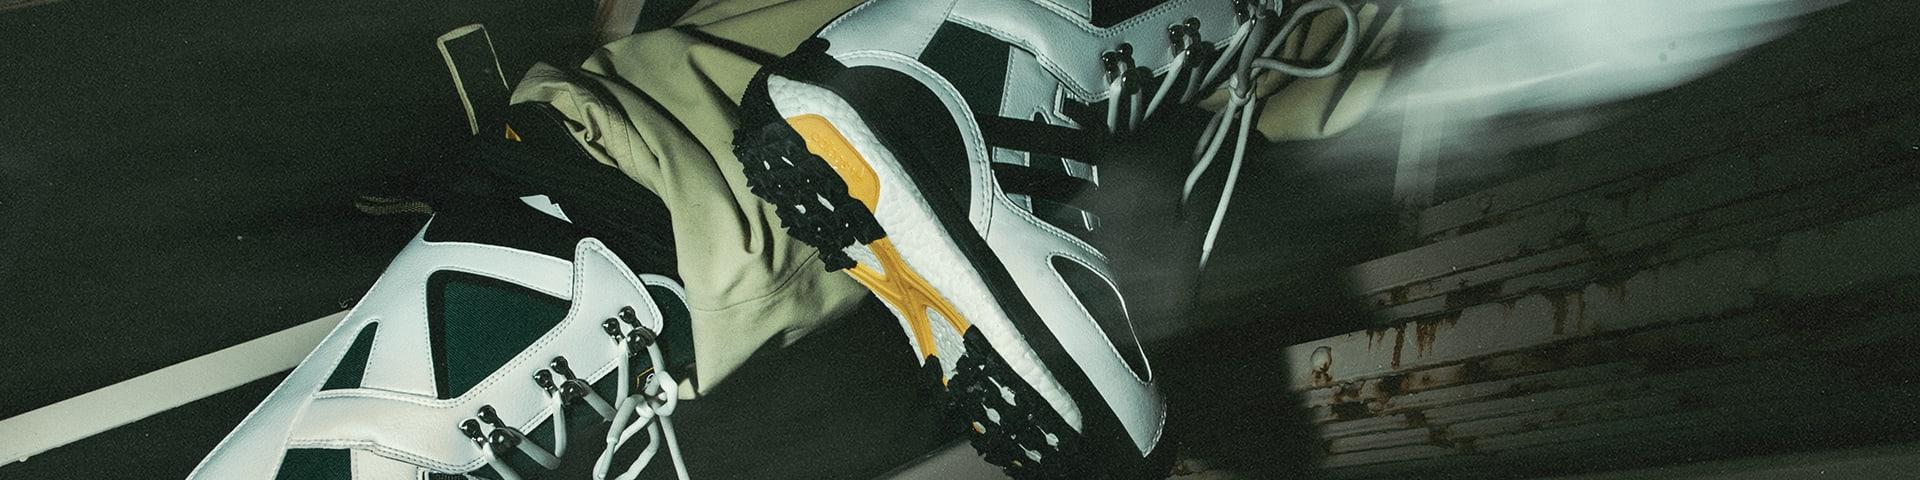 adidas Snowboarding Jackets, Pants, Boots & More   adidas US